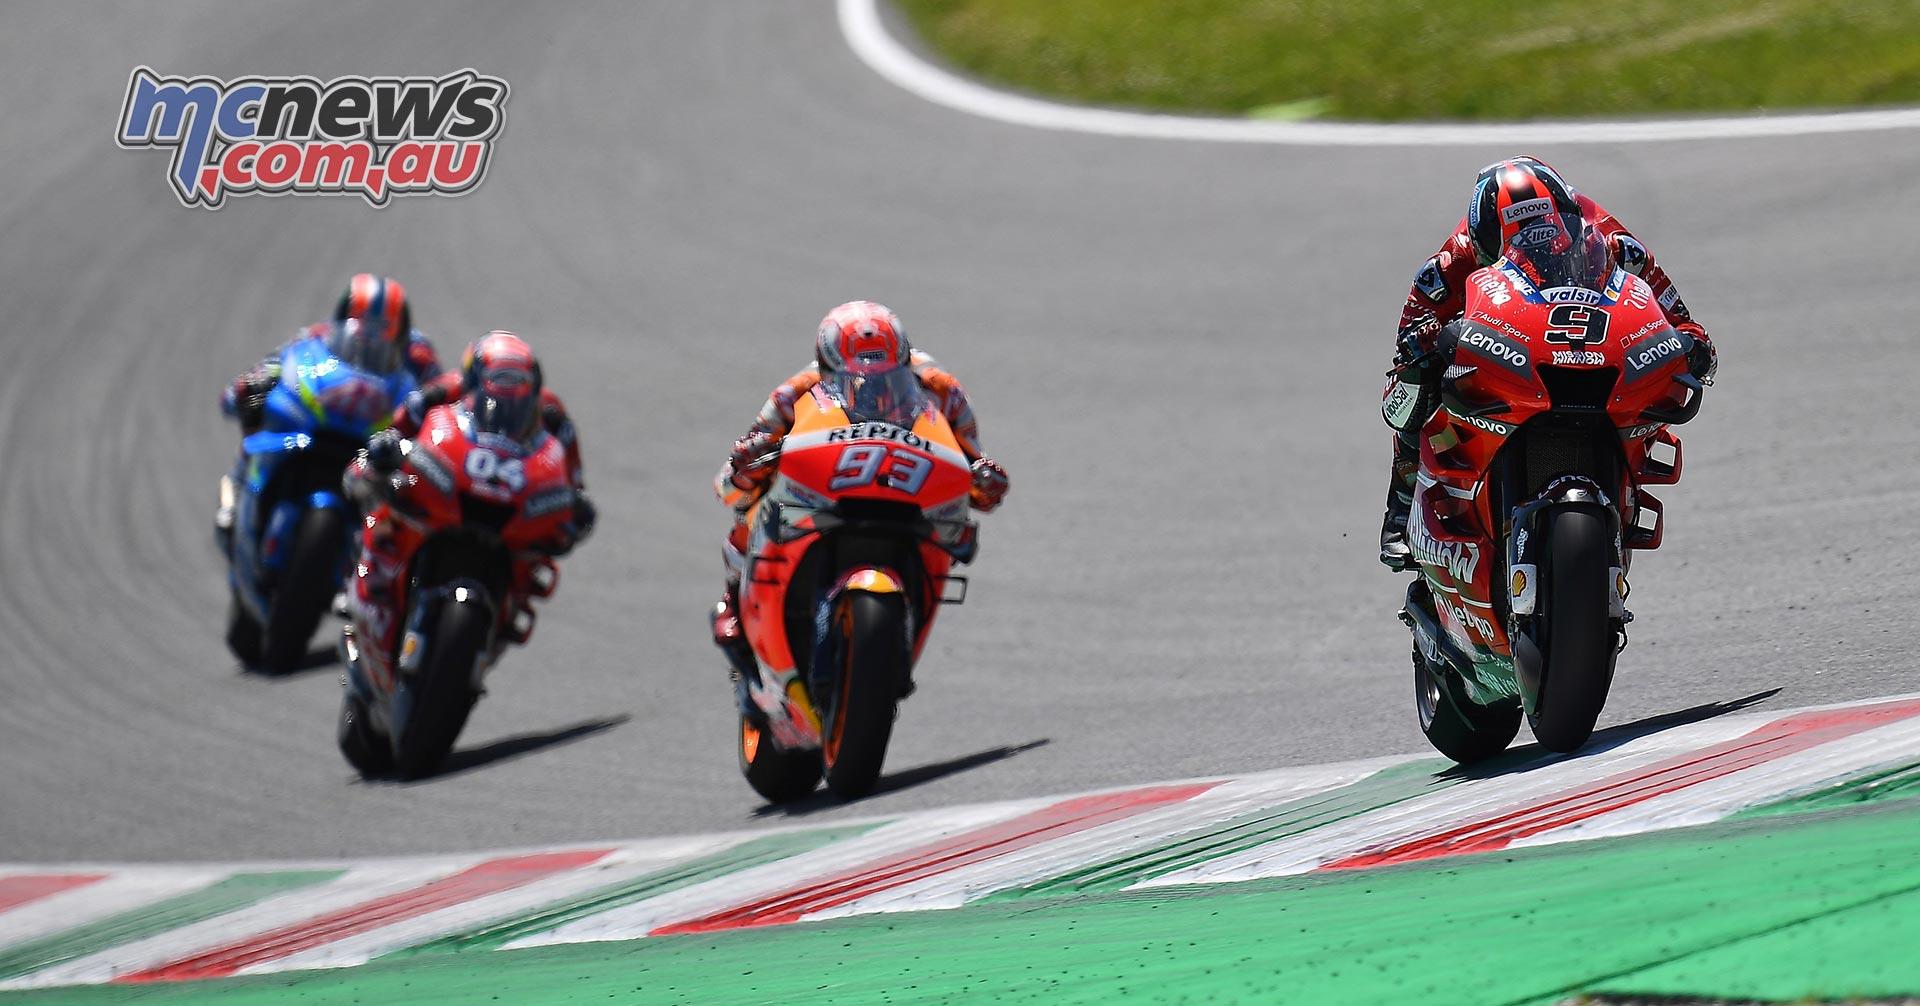 MotoGP Rnd Mugello Race Petrucci Marquez Dovizioso Rins RHF